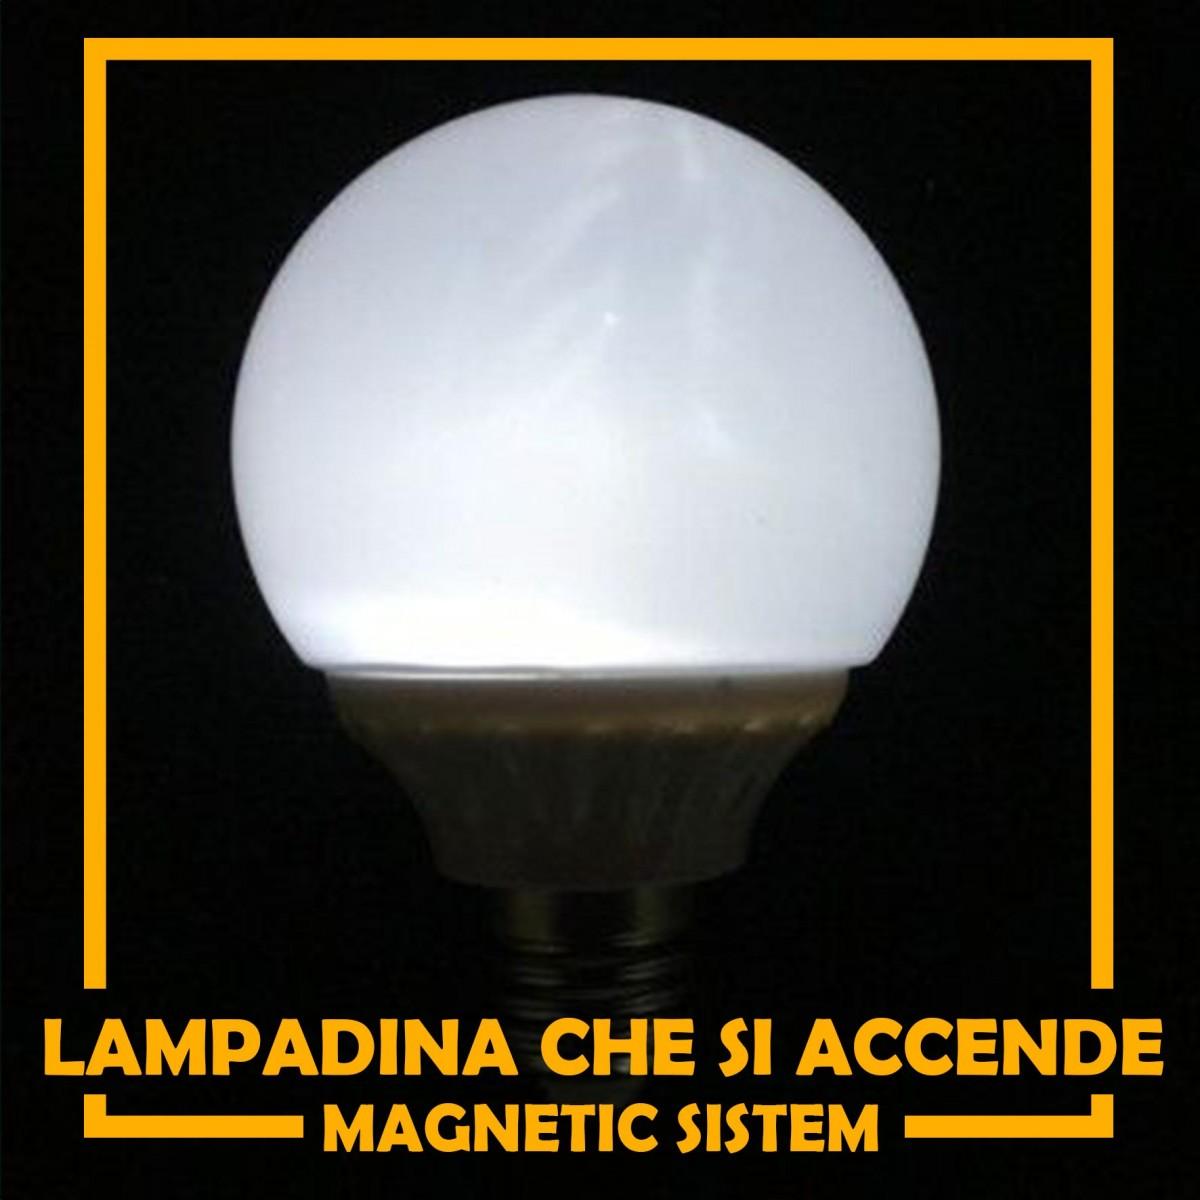 Lampadina che si accende - Magnetica